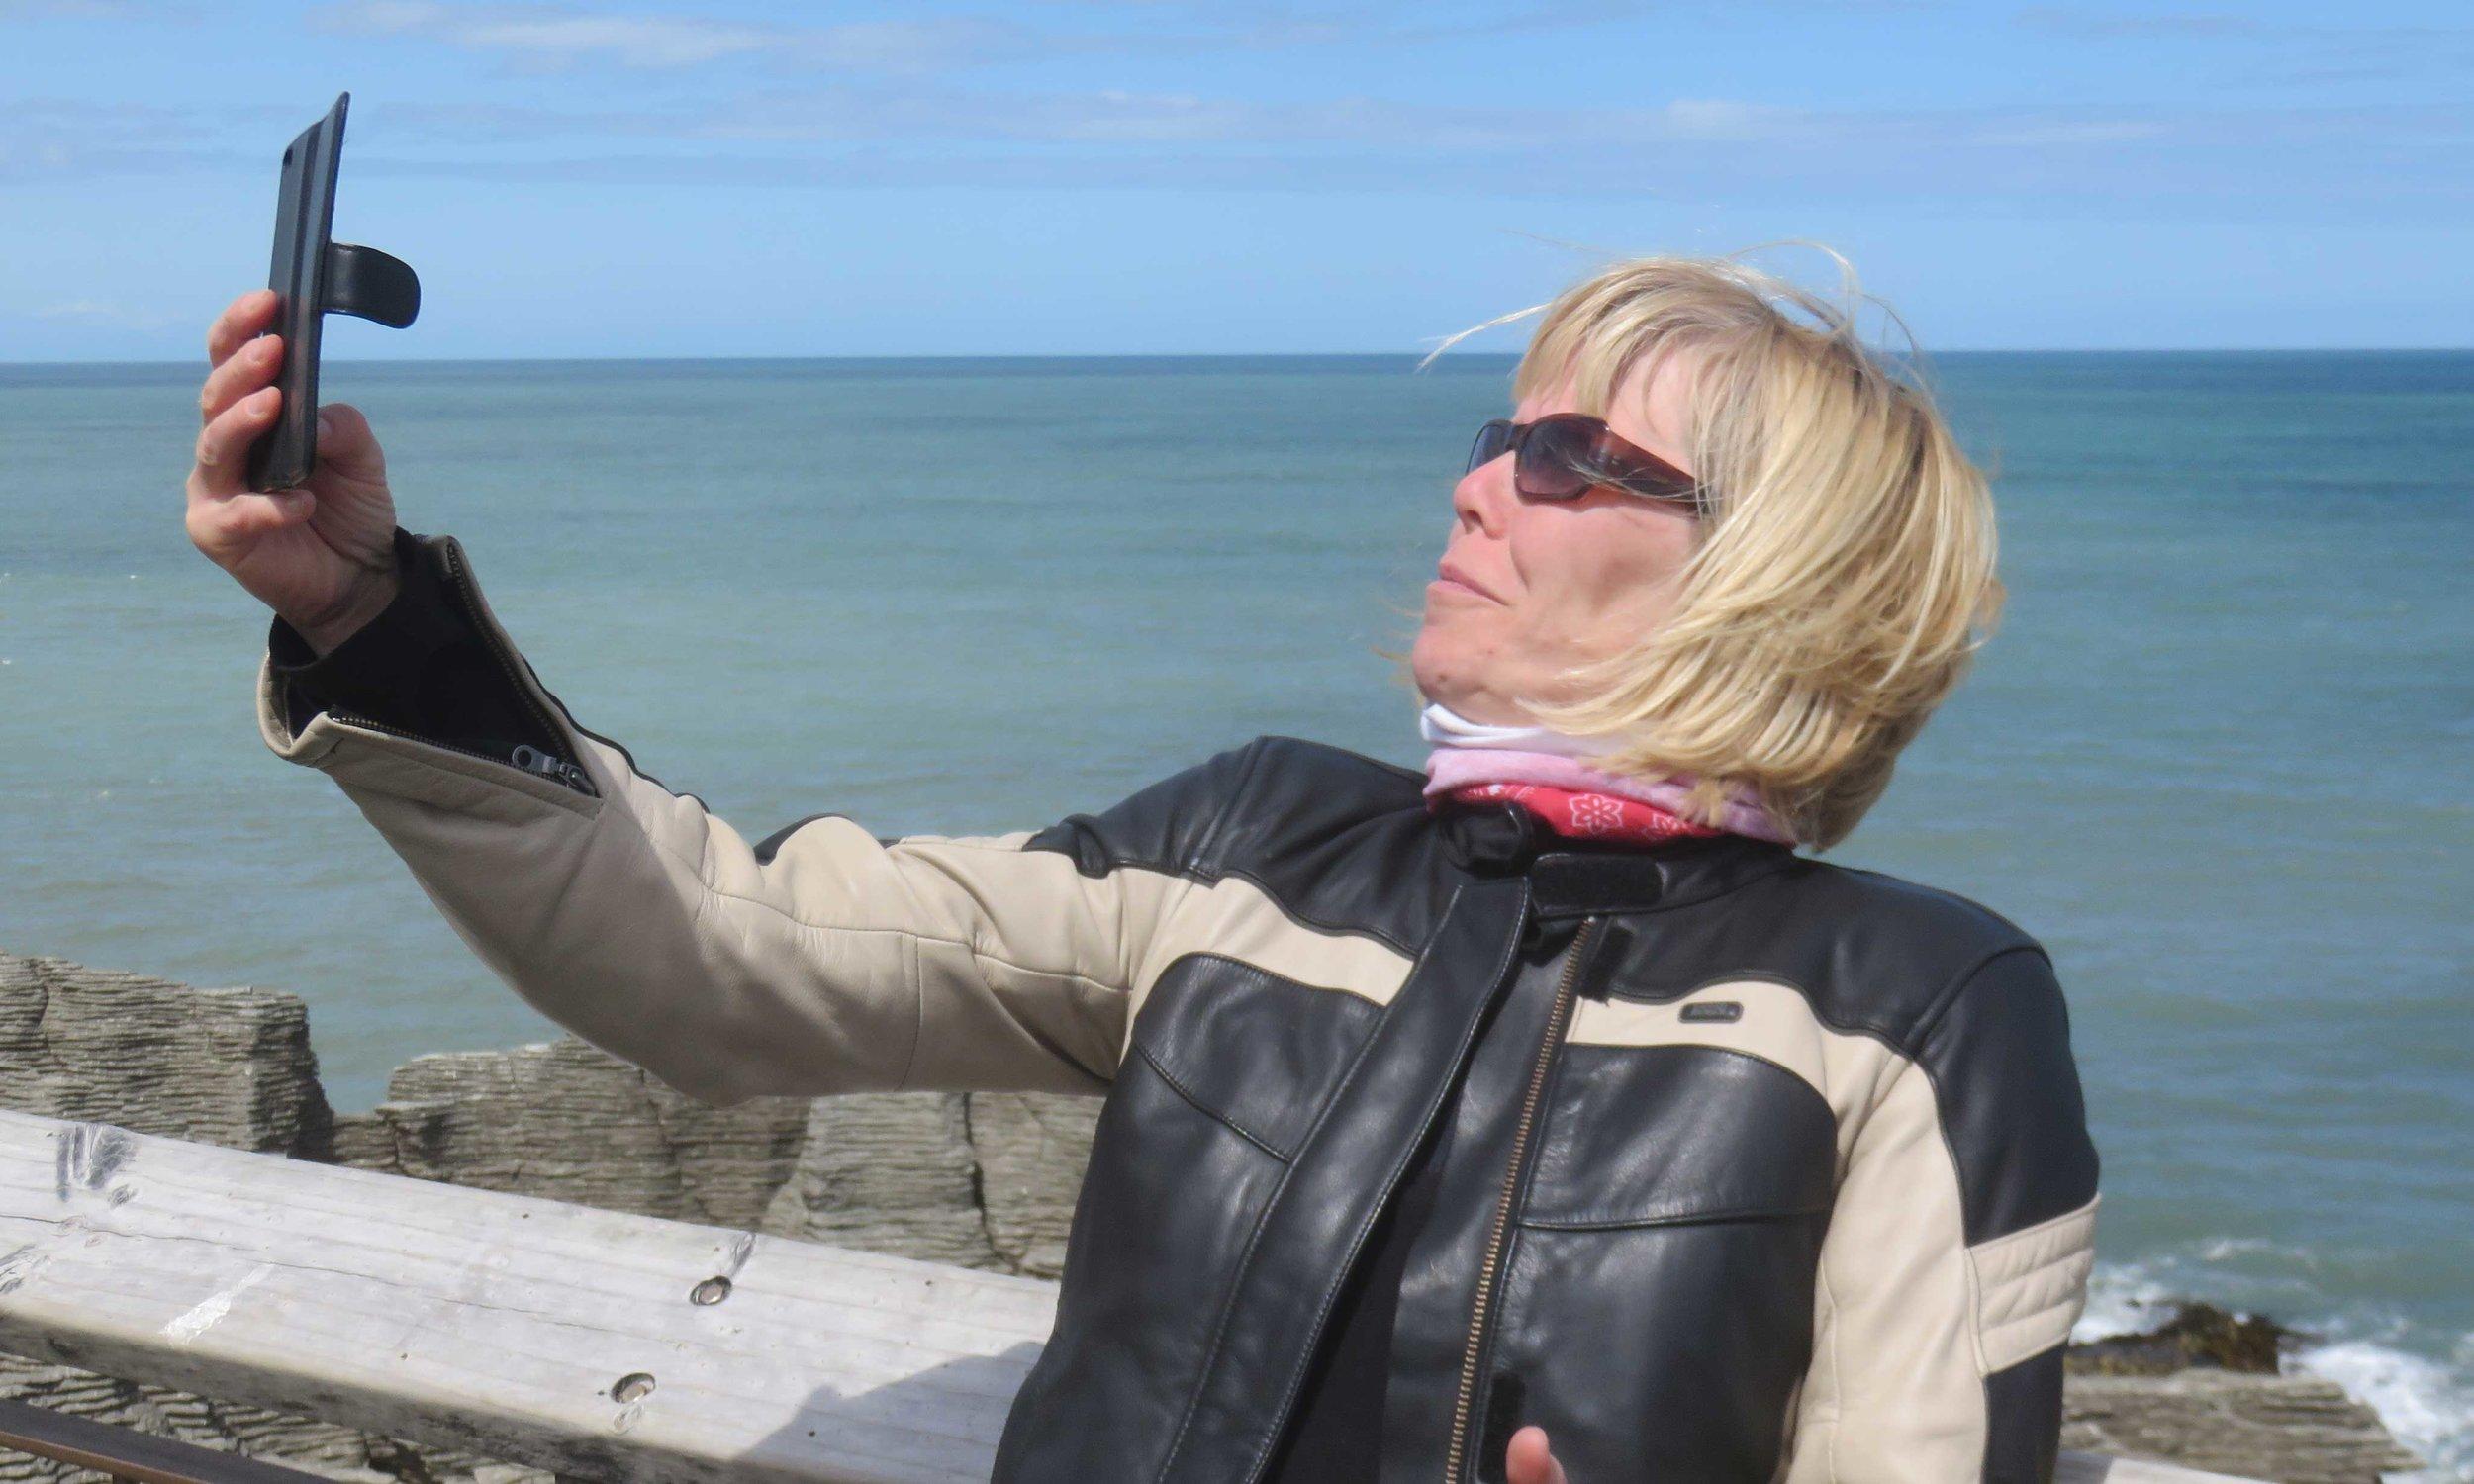 Reija opettelee ottamaan selfieitä Martinen ohjeiden mukaan!